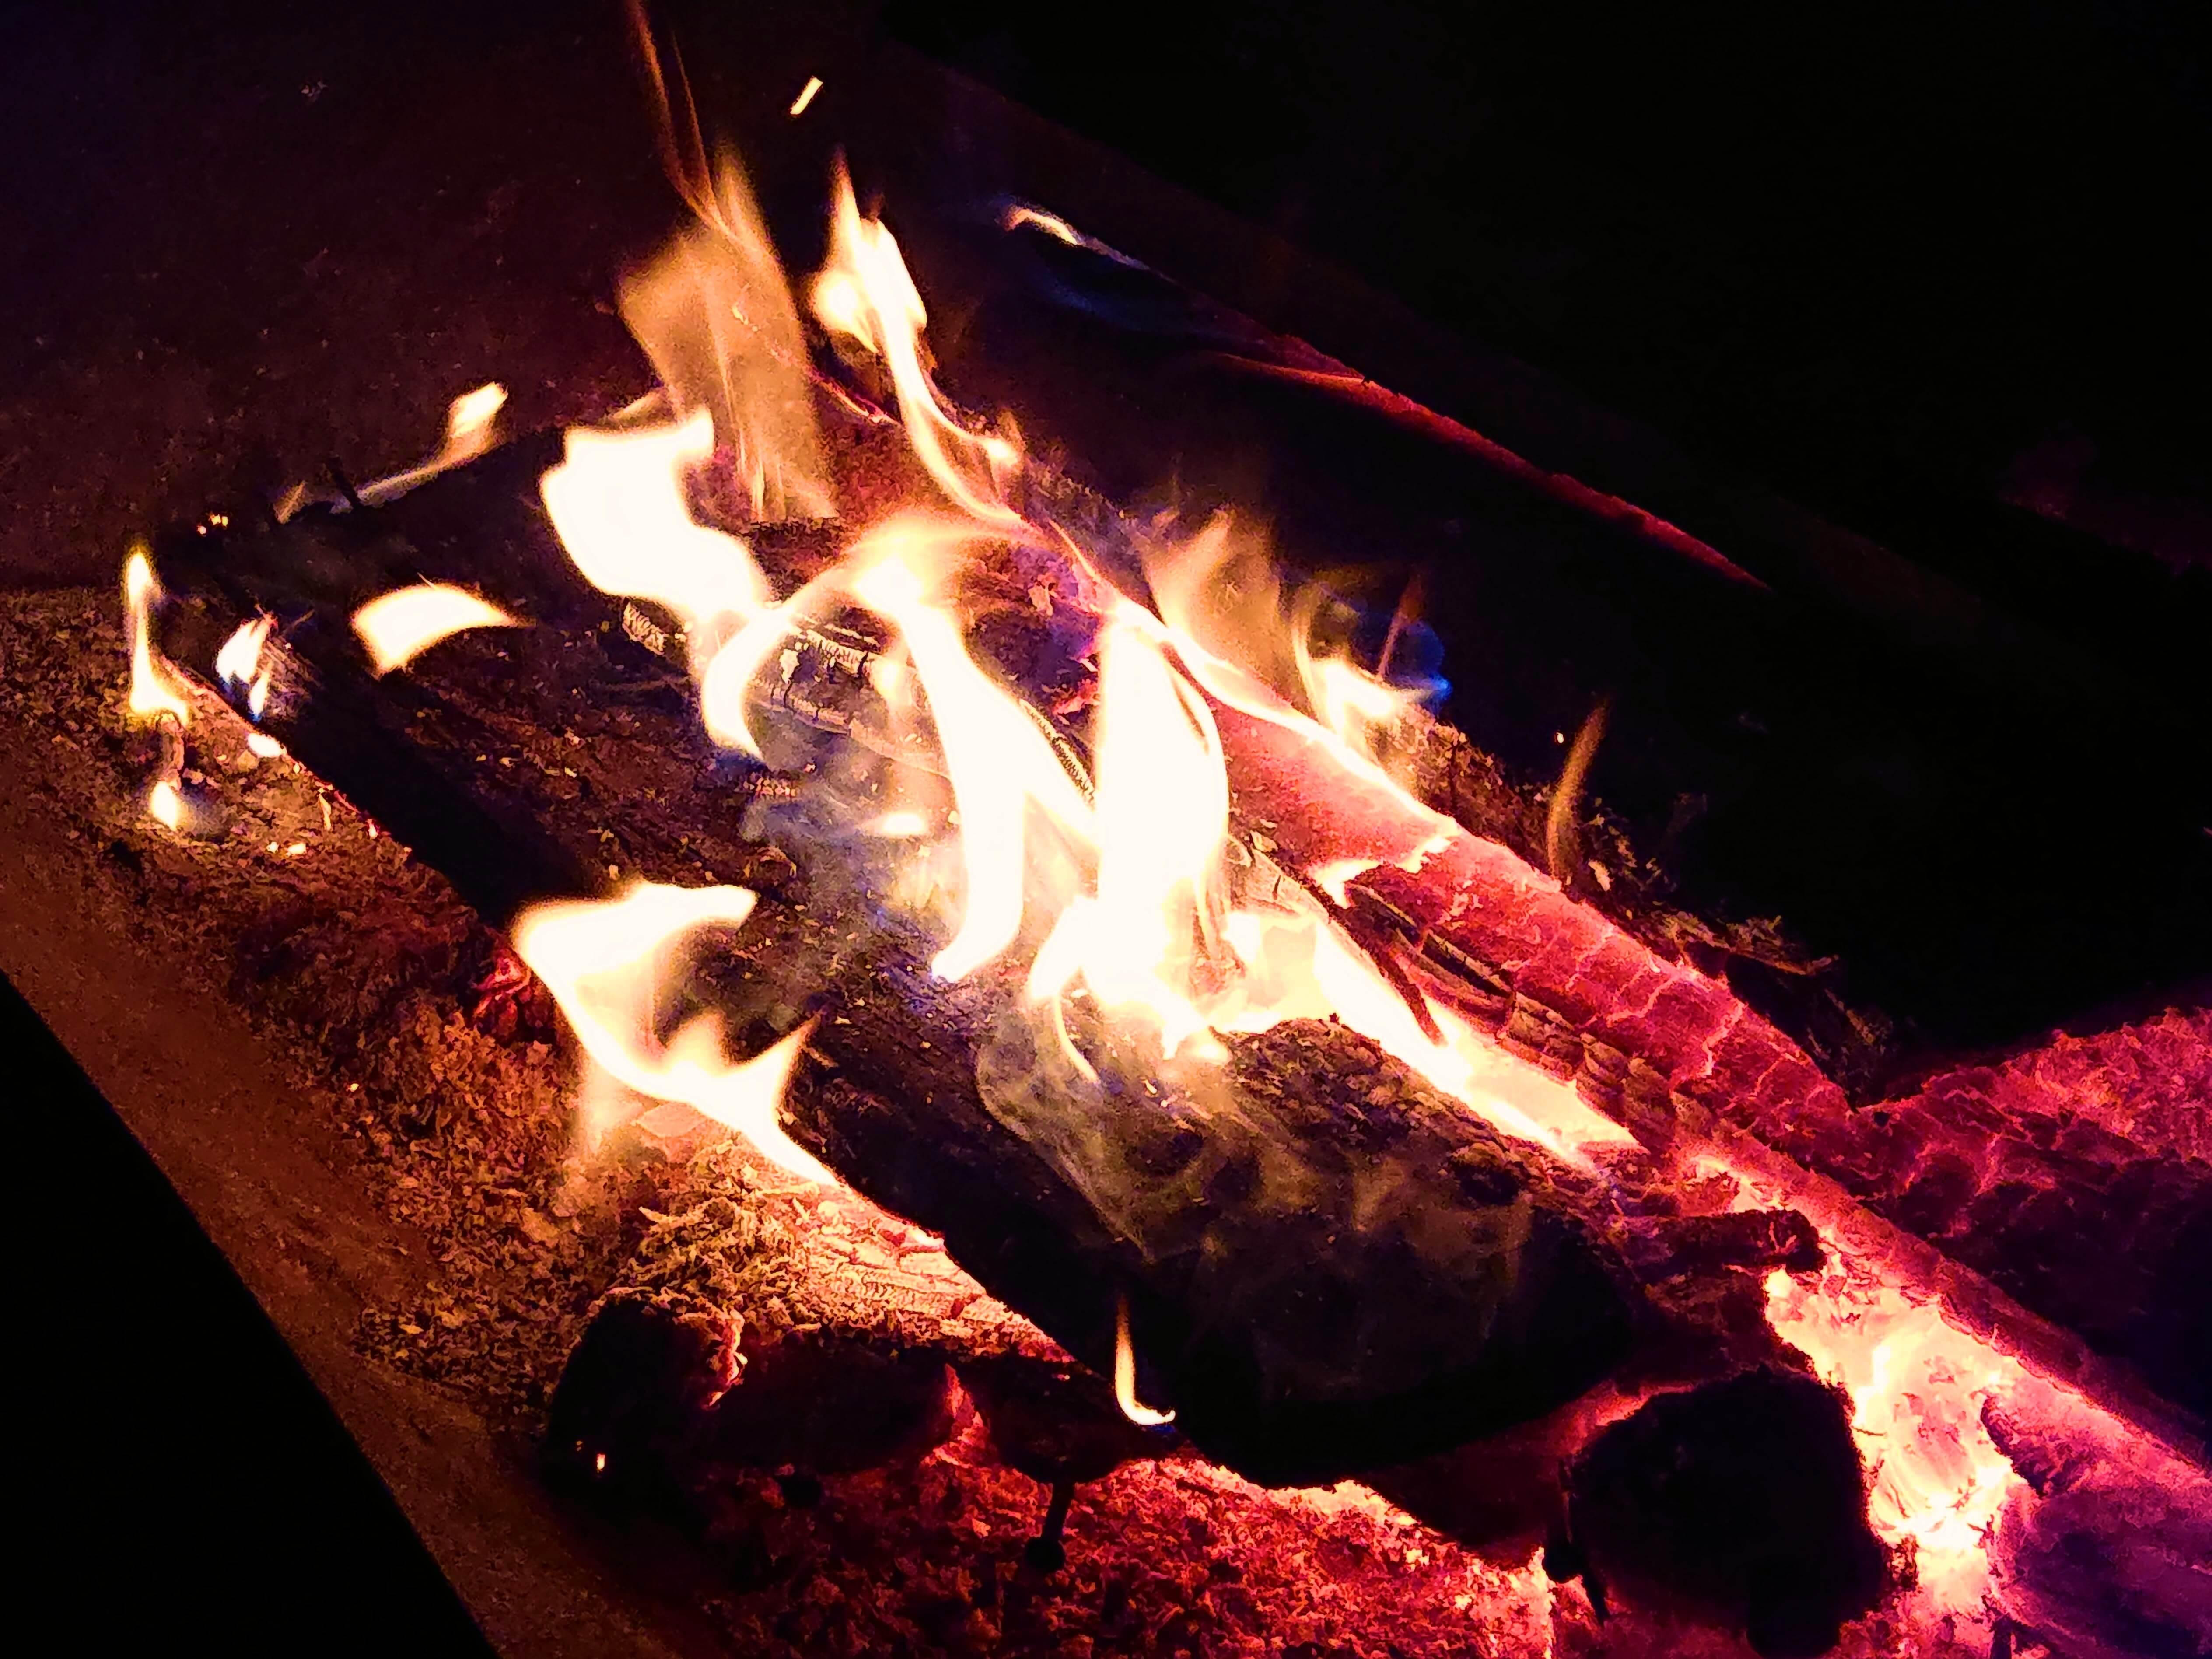 焚き火の揺れる炎